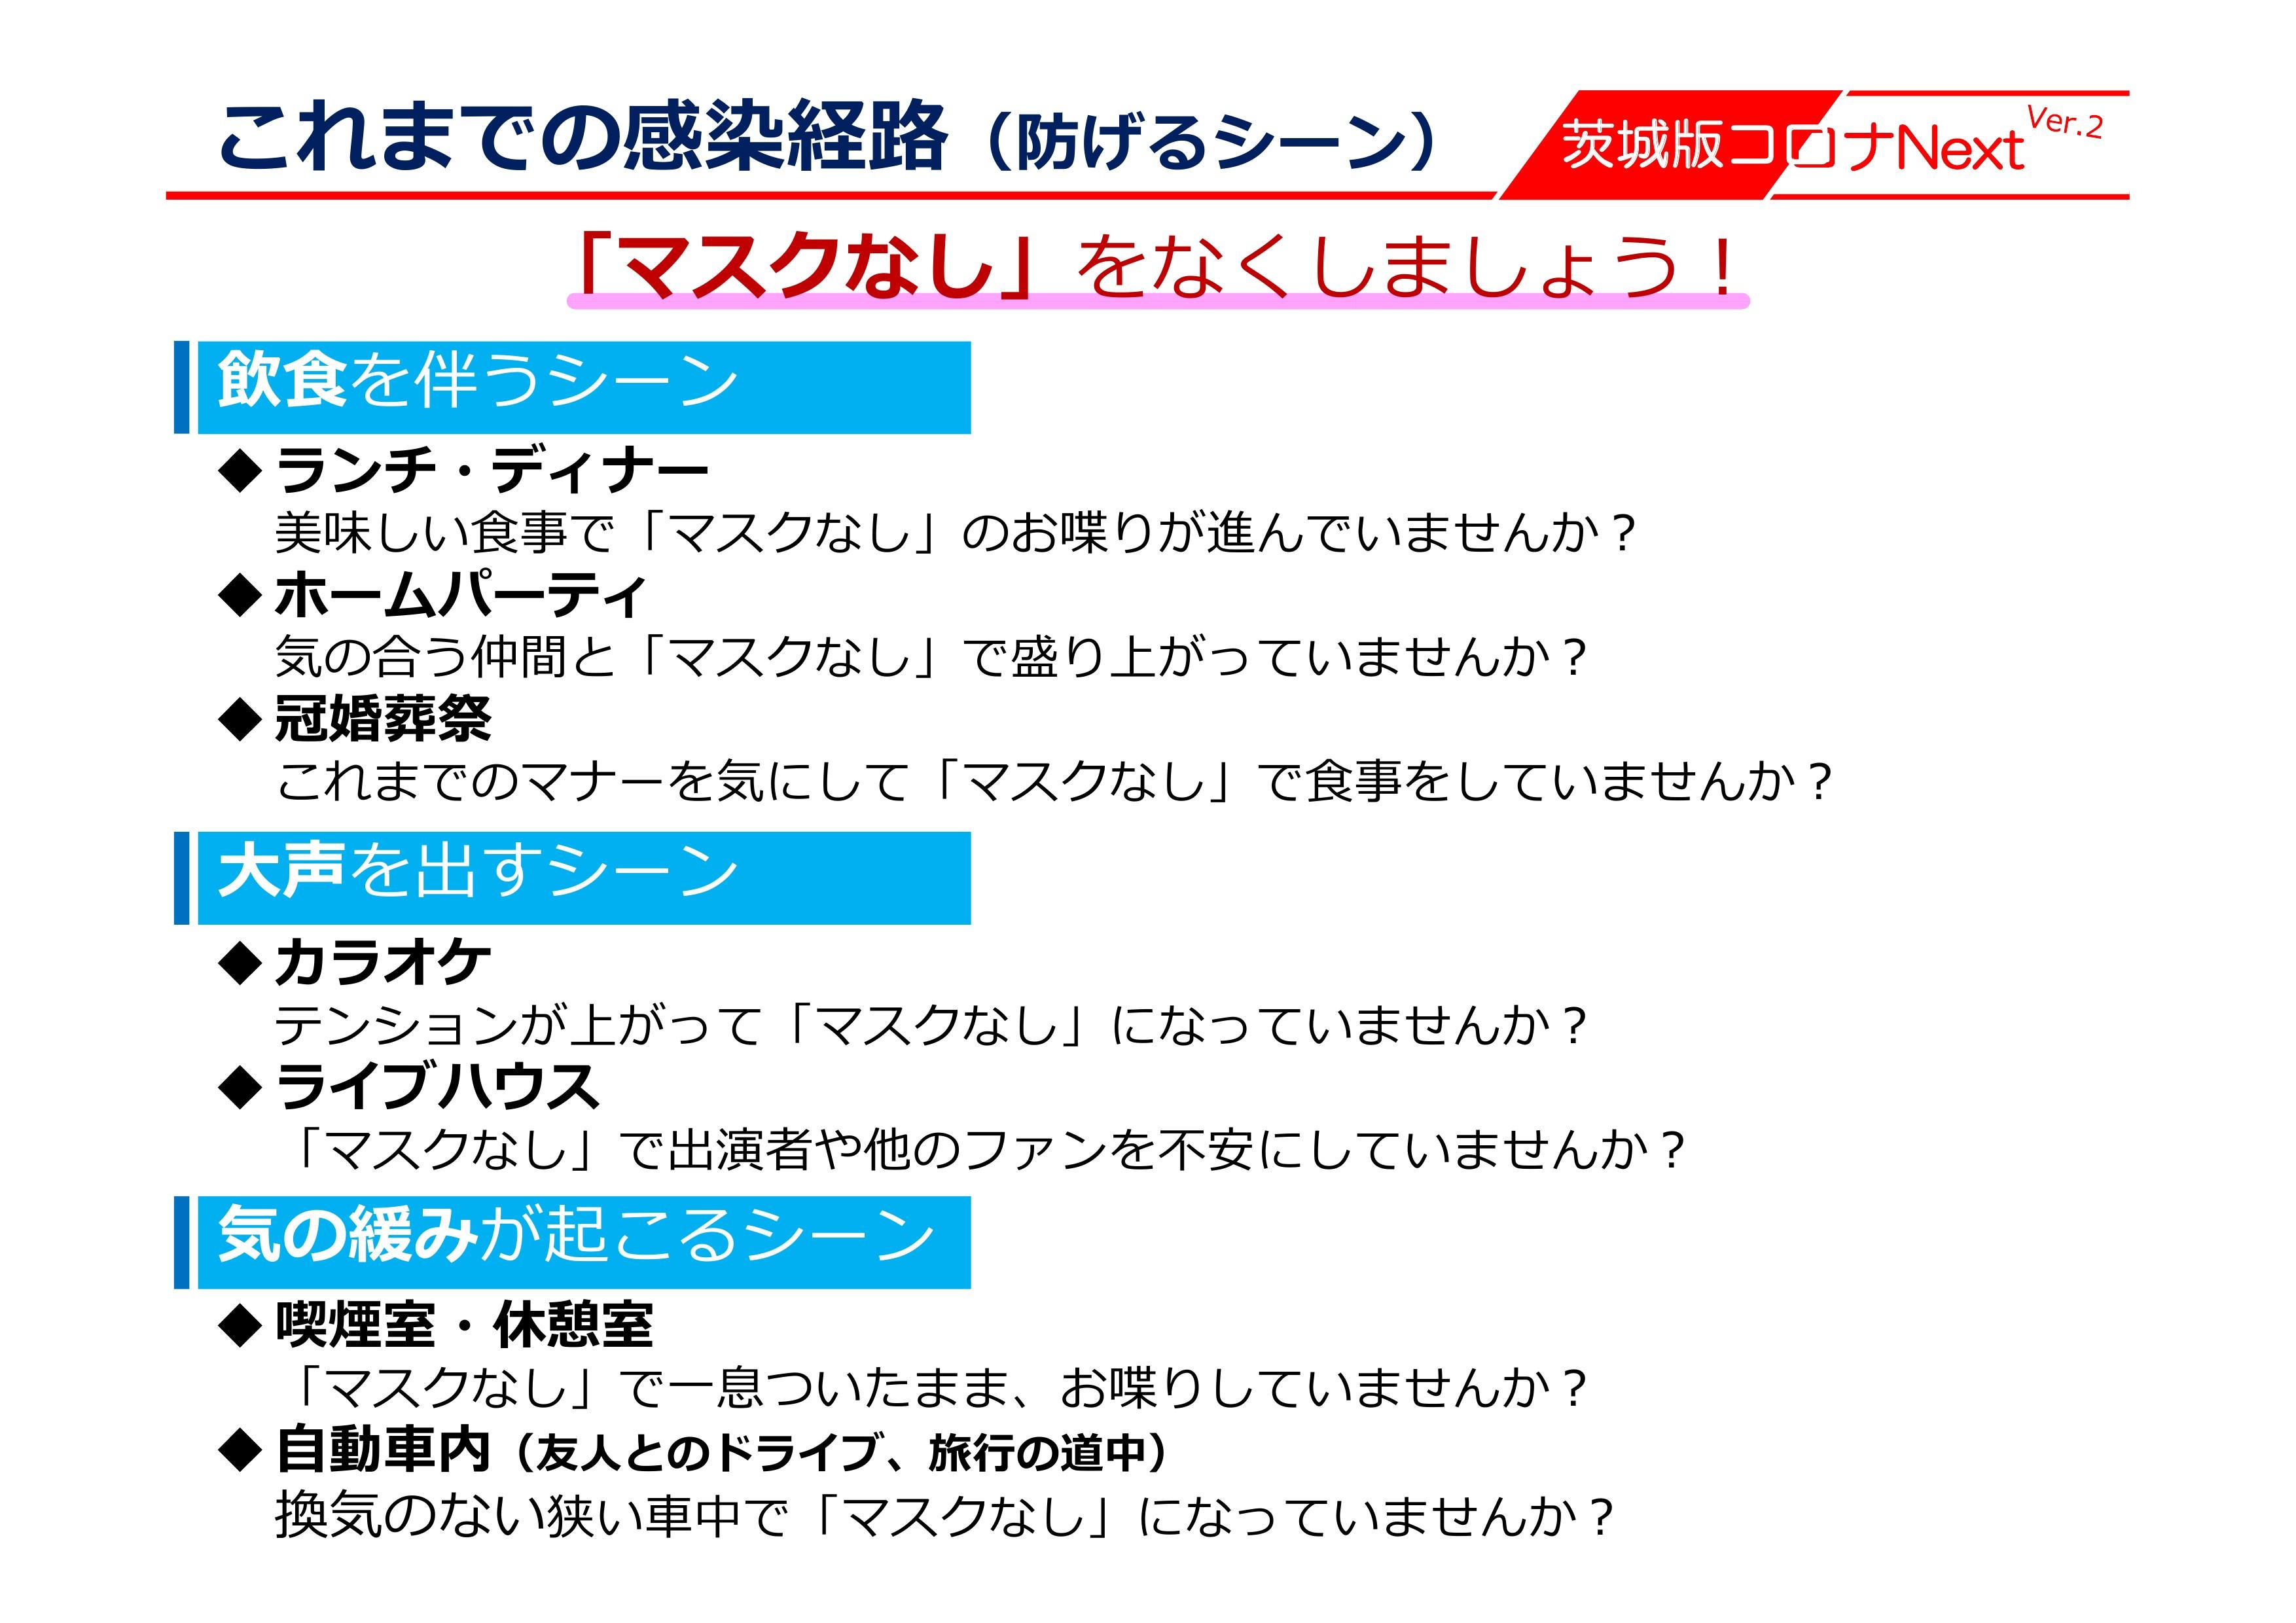 1月12日茨城県発表資料3